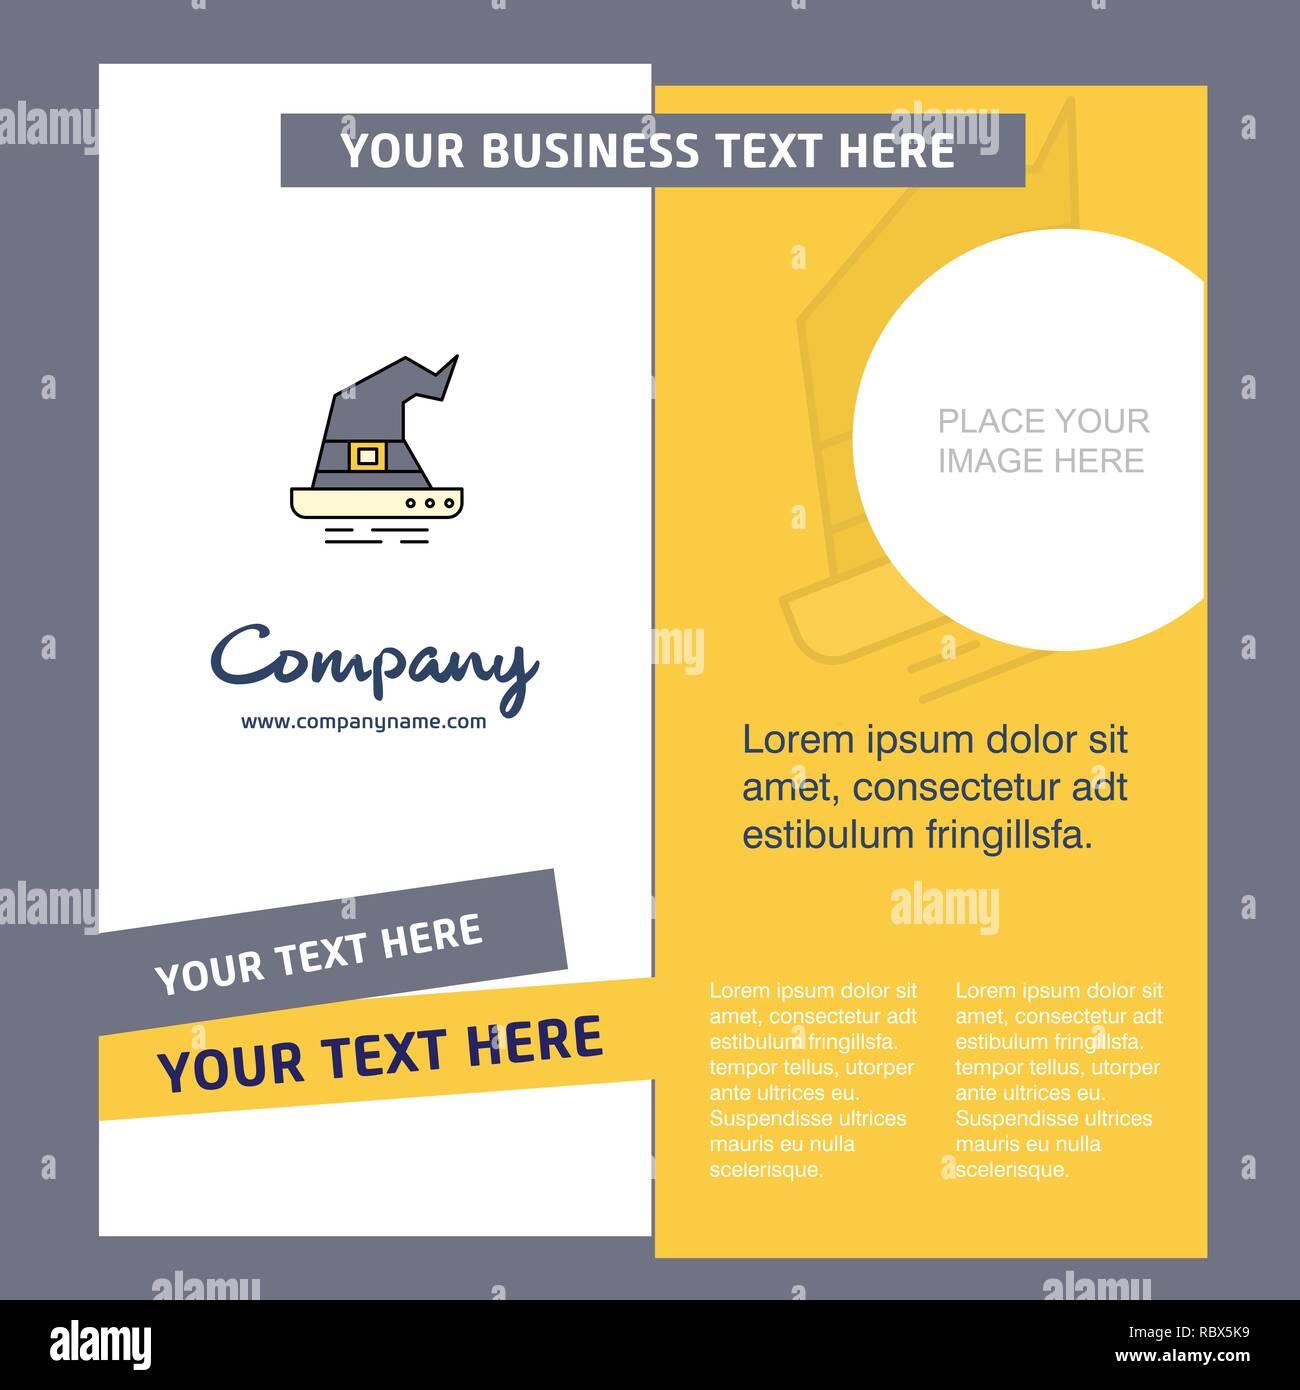 Hexenhut Unternehmensbroschüre Vorlage Vector Business Template